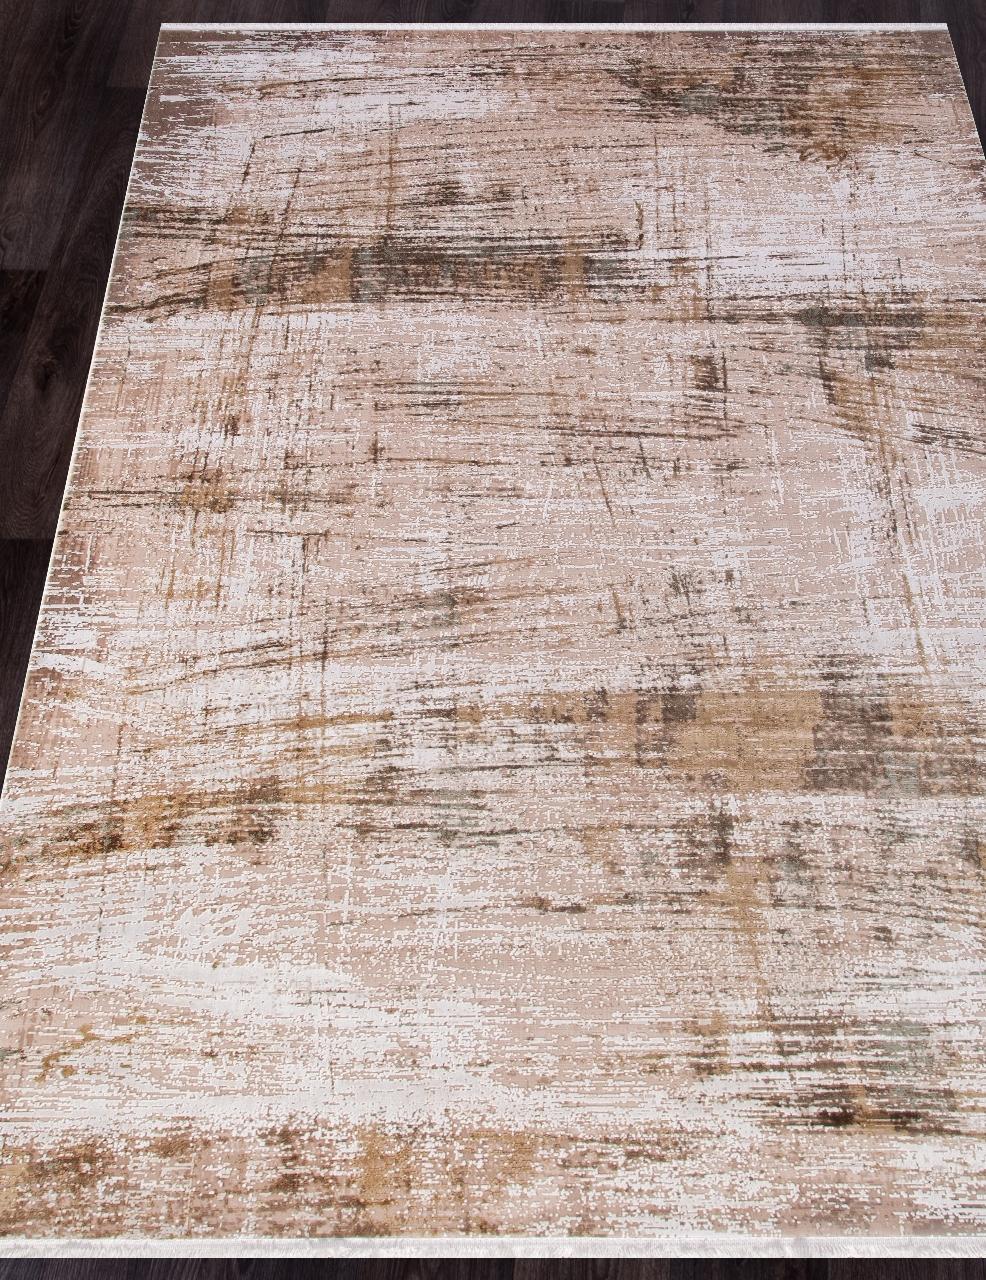 Ковер 19147 - 070 BEIGE - Прямоугольник - коллекция CREANTE